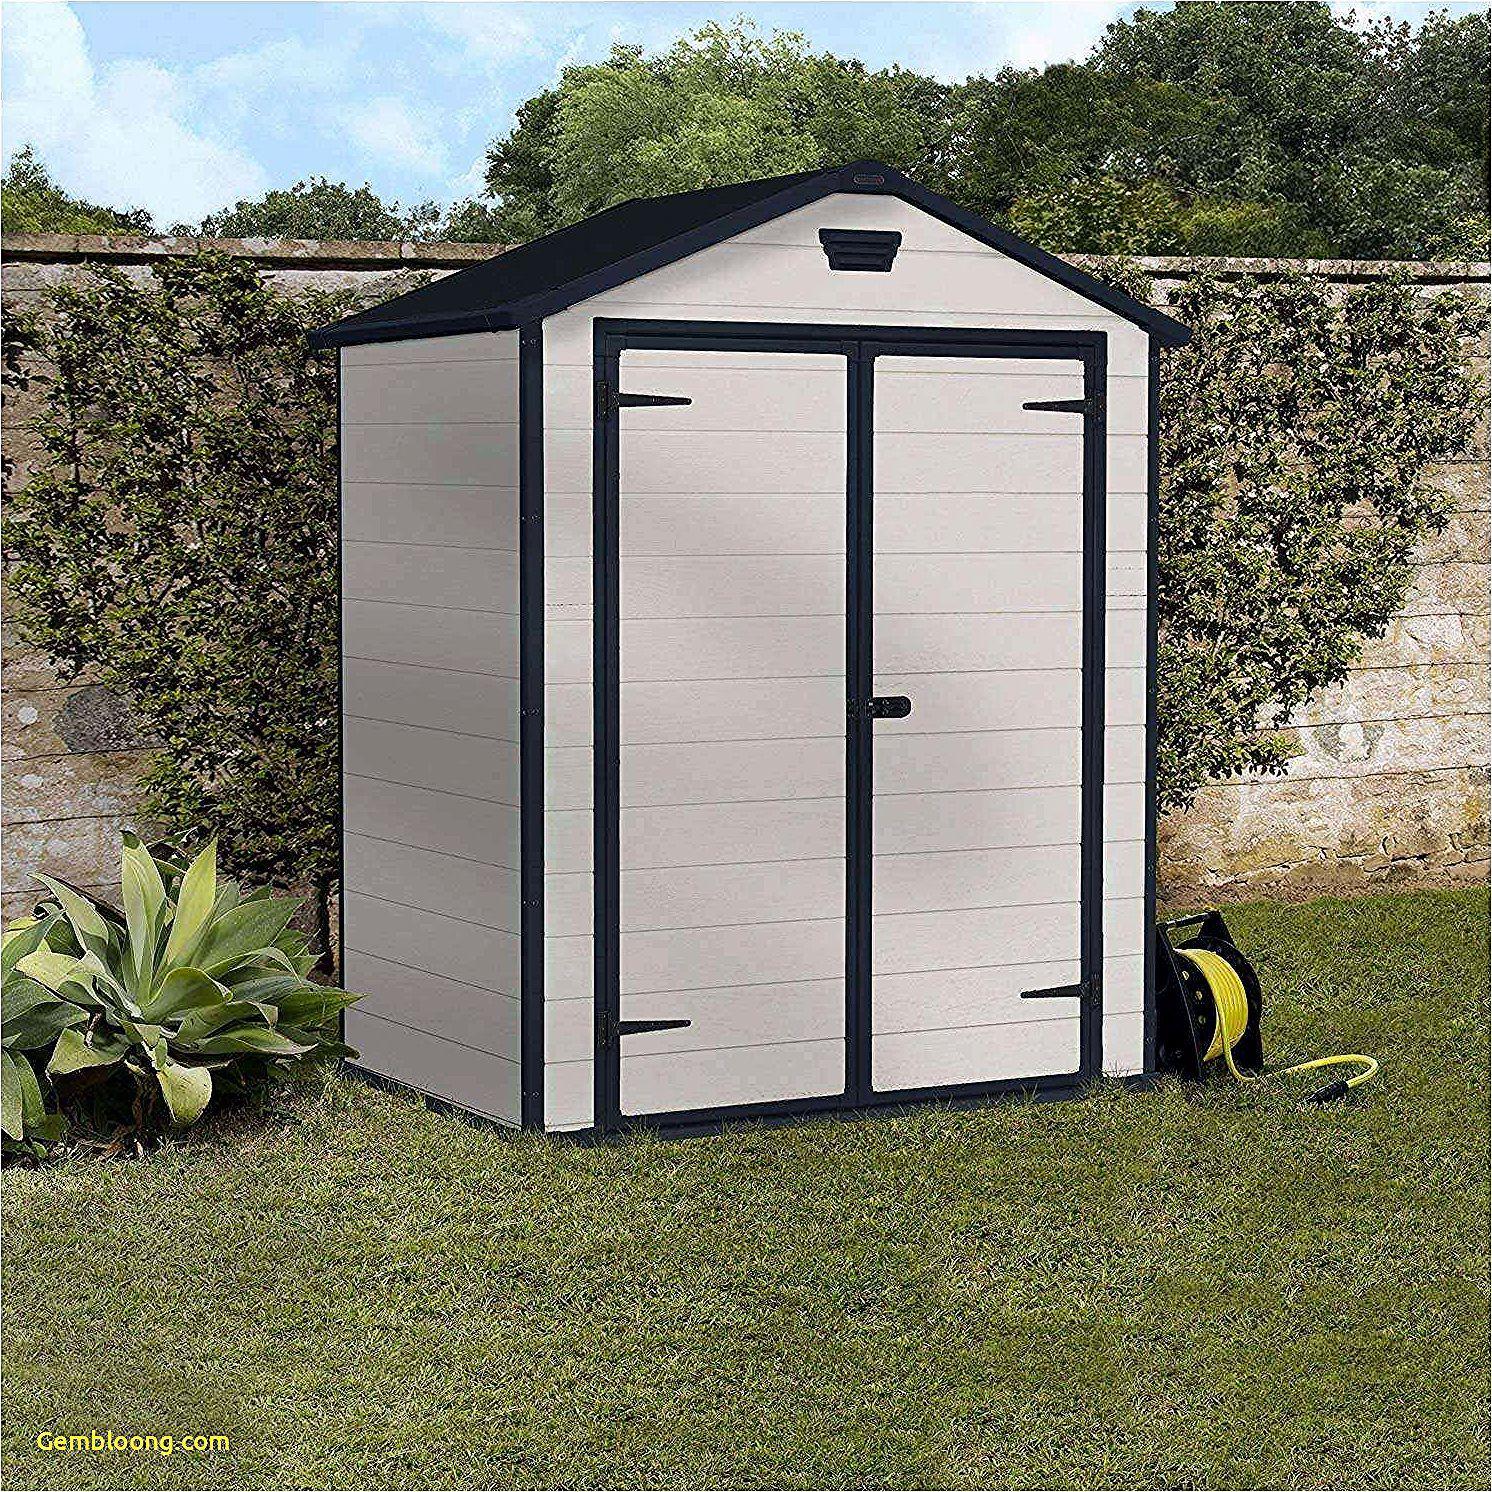 17 Fresh Abri De Jardin 10M2 | Indoor Garden, Outdoor ... dedans Abri Jardin 10M2